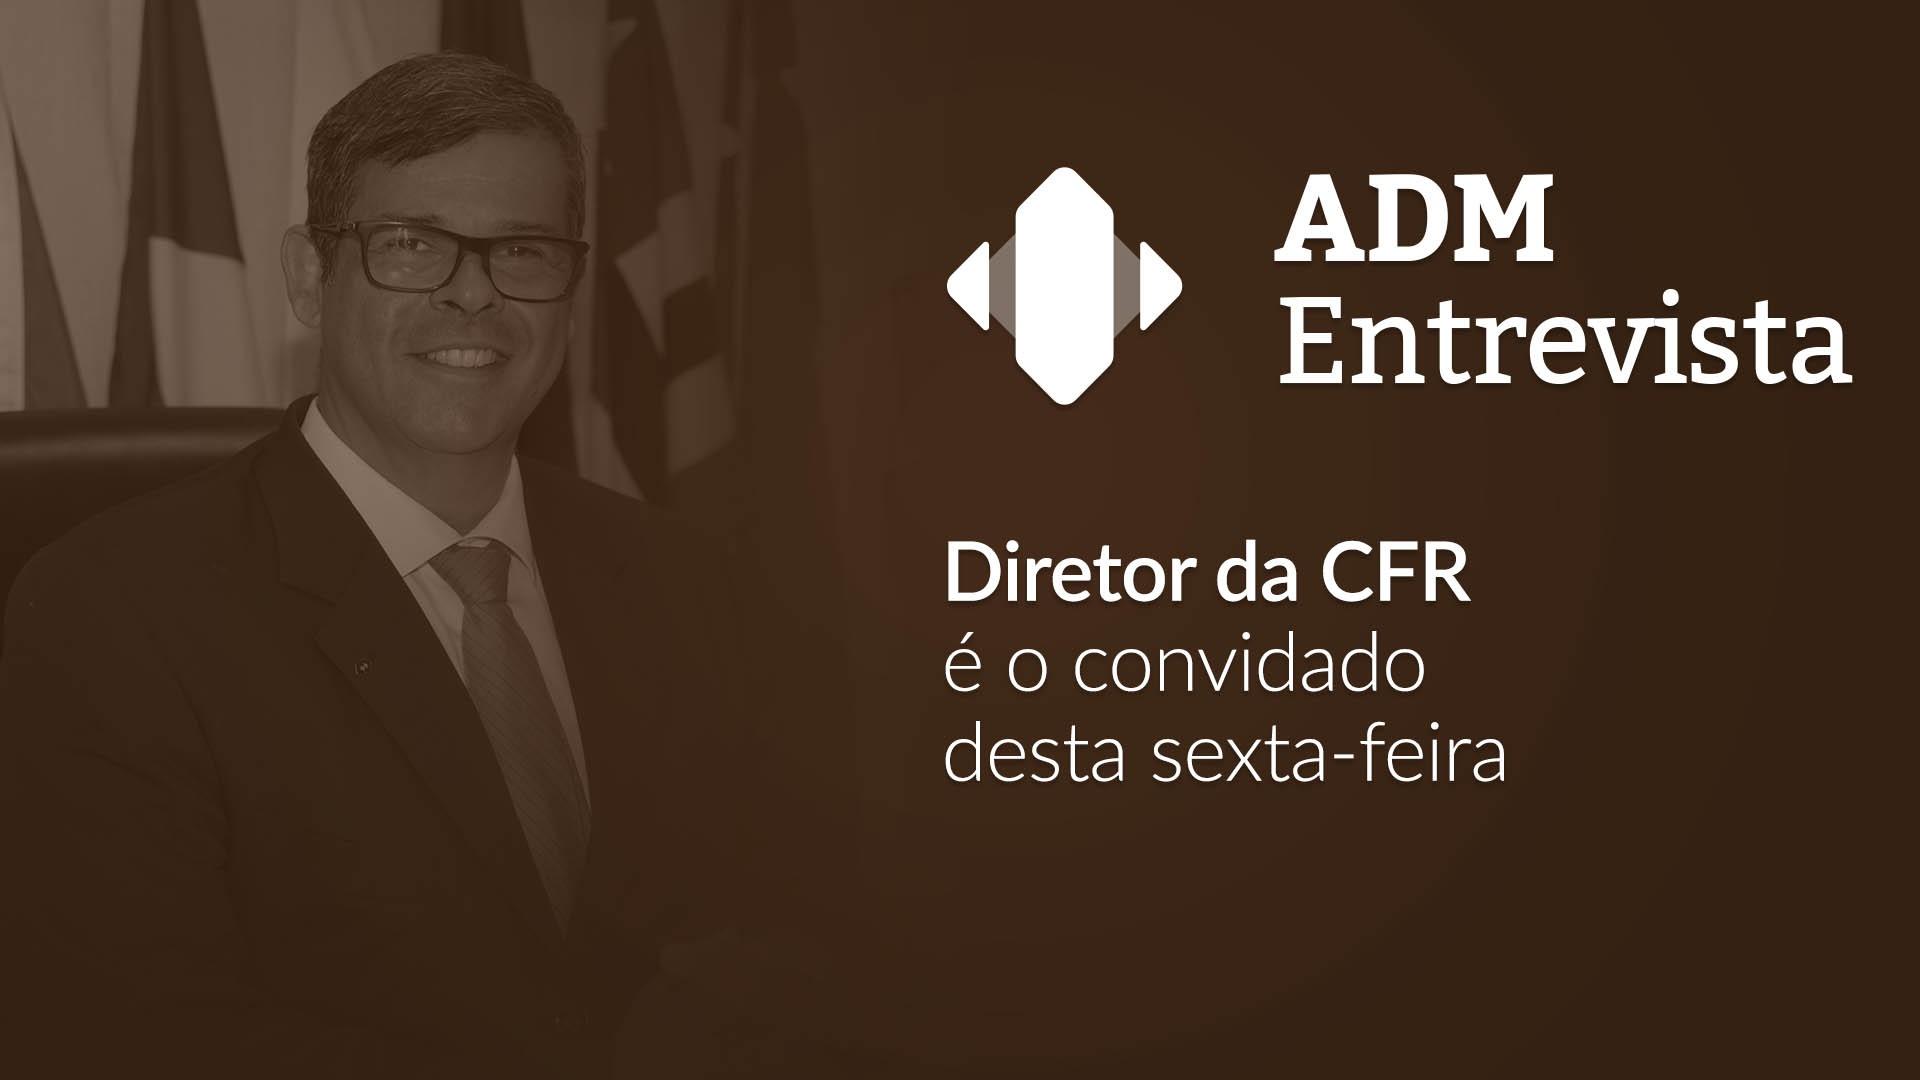 Diretor de Fiscalização do CFA participará do ADM Entrevista